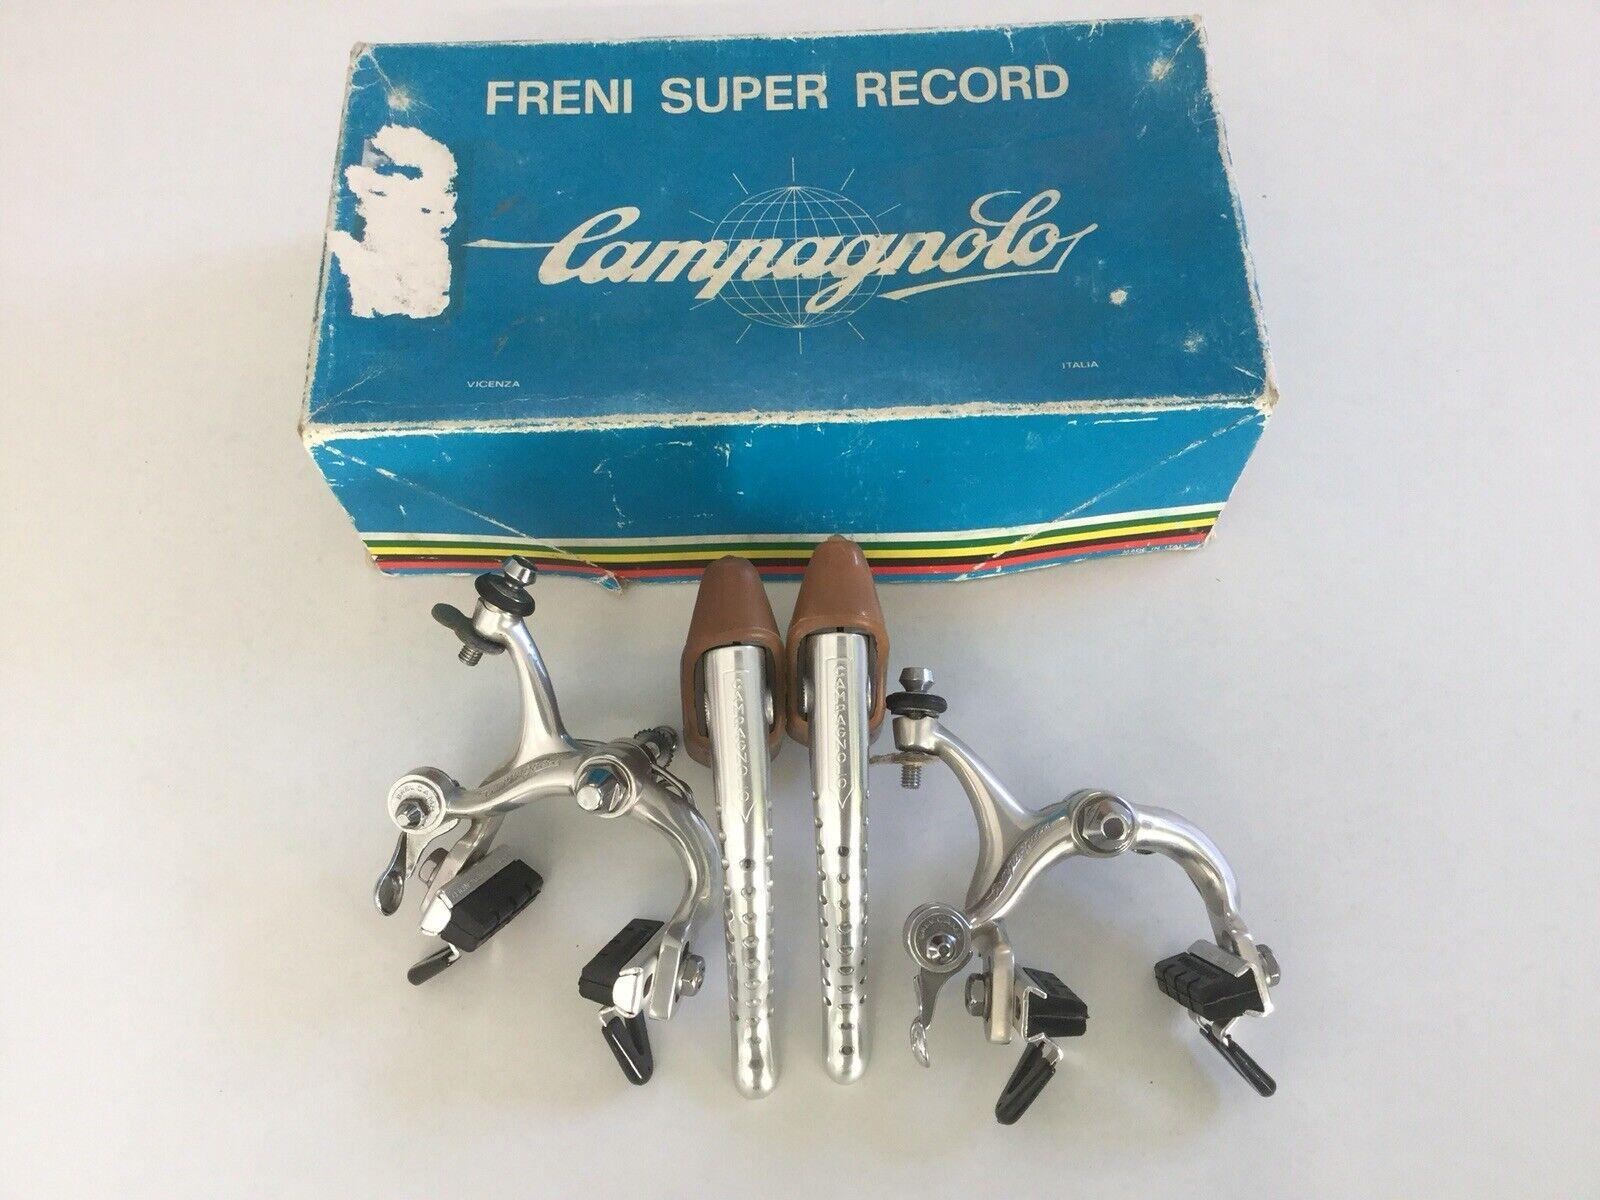 VINTAGE ITALIA CAMPAGNOLO SUPER RECORD FRENI NUOVO in scatola.